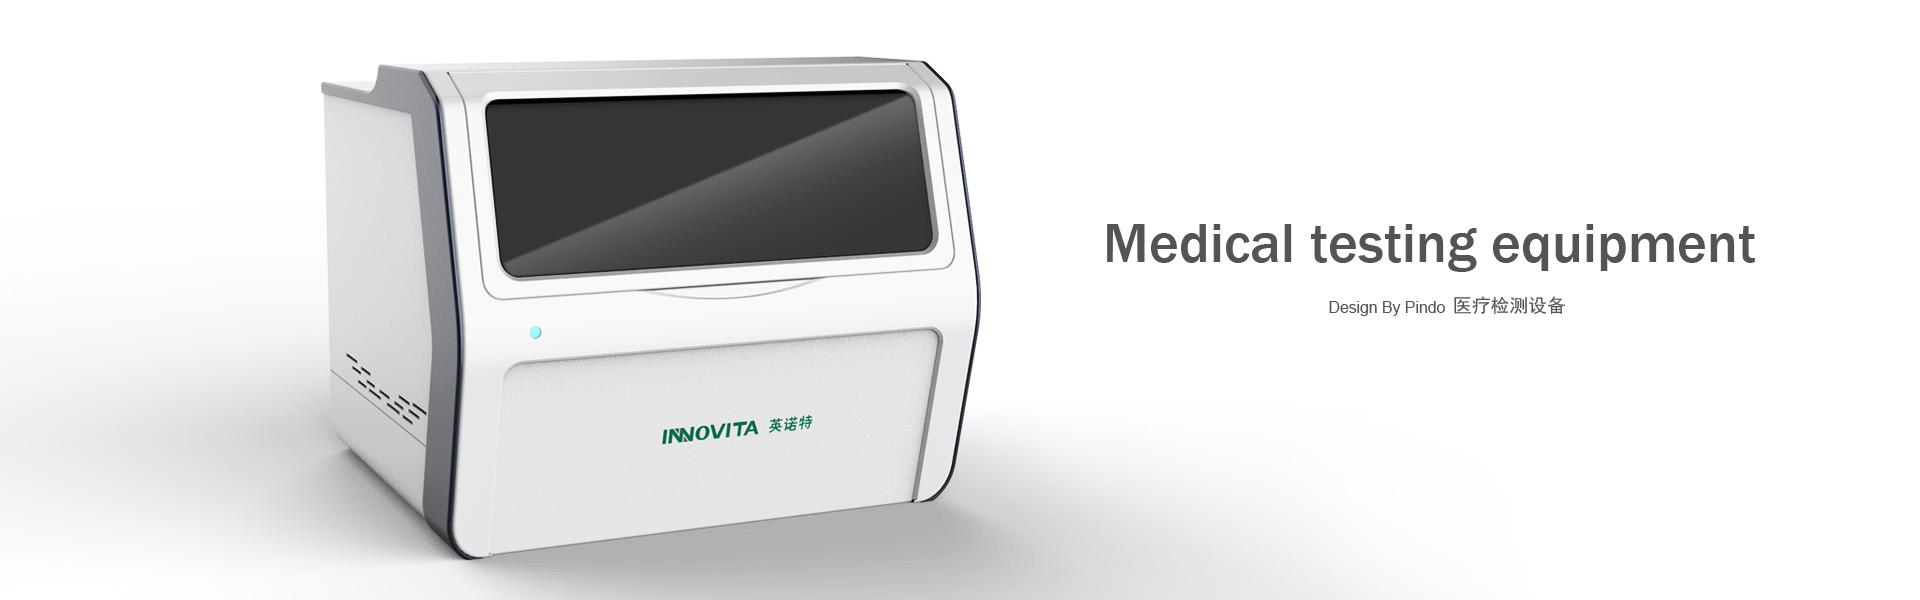 蛋白分析仪肠道运动机胸片架发药机小腿假肢医疗推车胰岛素笔设计